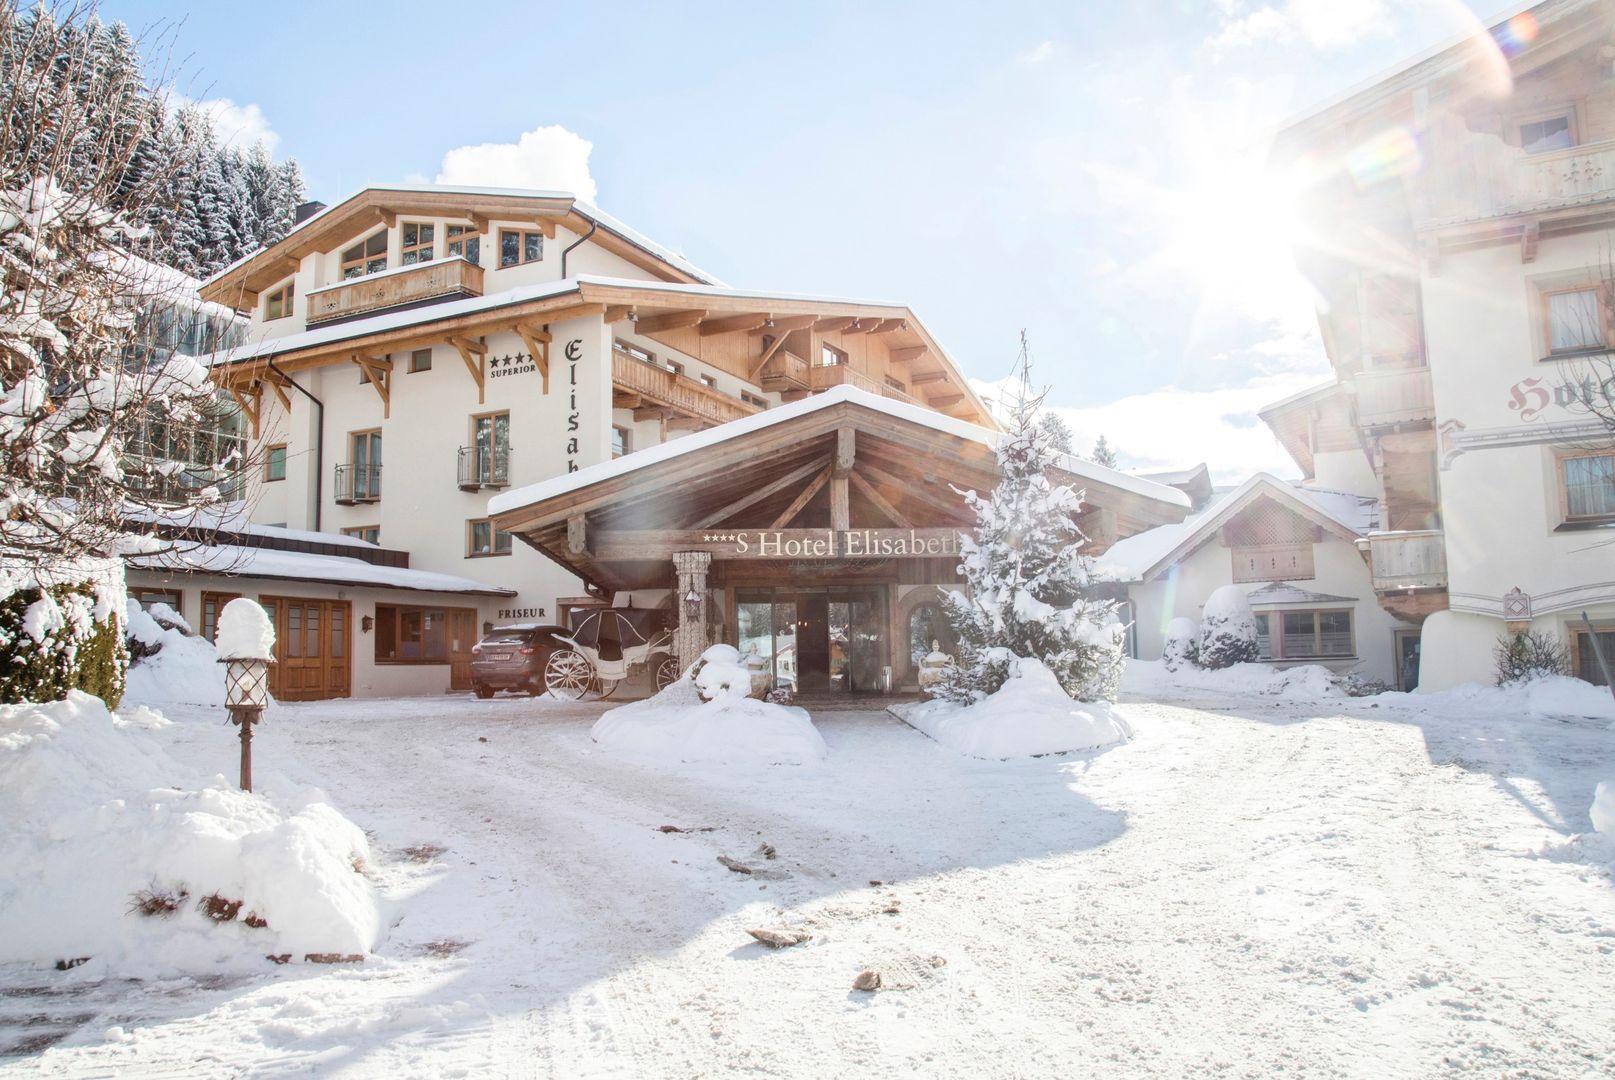 Slide1 - Hotel Elisabeth